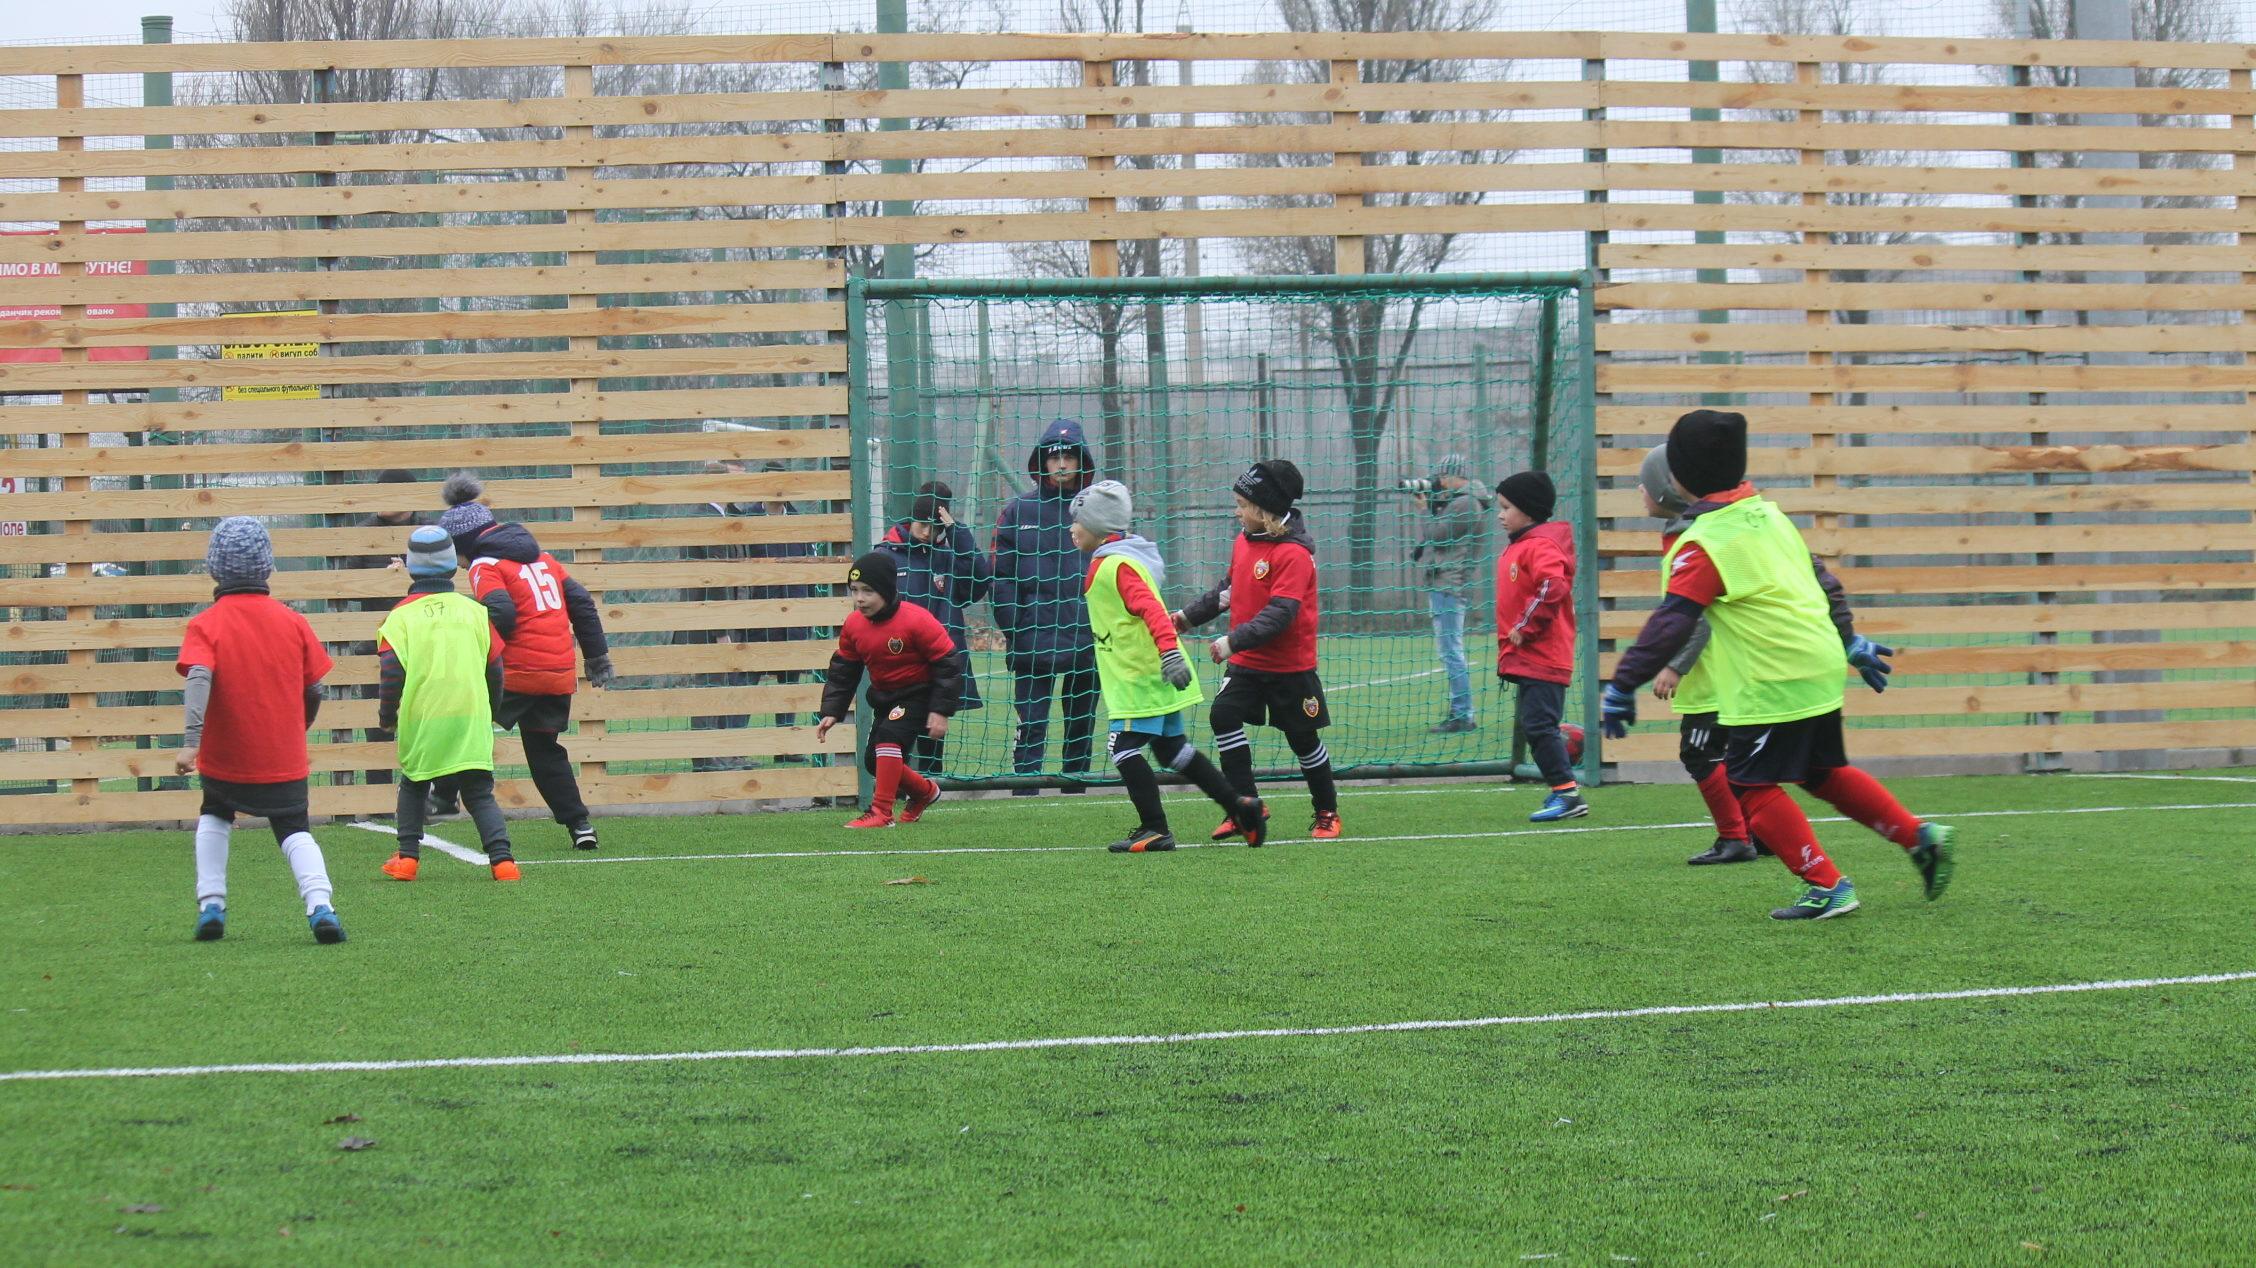 В Запорожье капитально реконструировали два футбольных поля ДЮСШ «Металлург», – ФОТОРЕПОРТАЖ